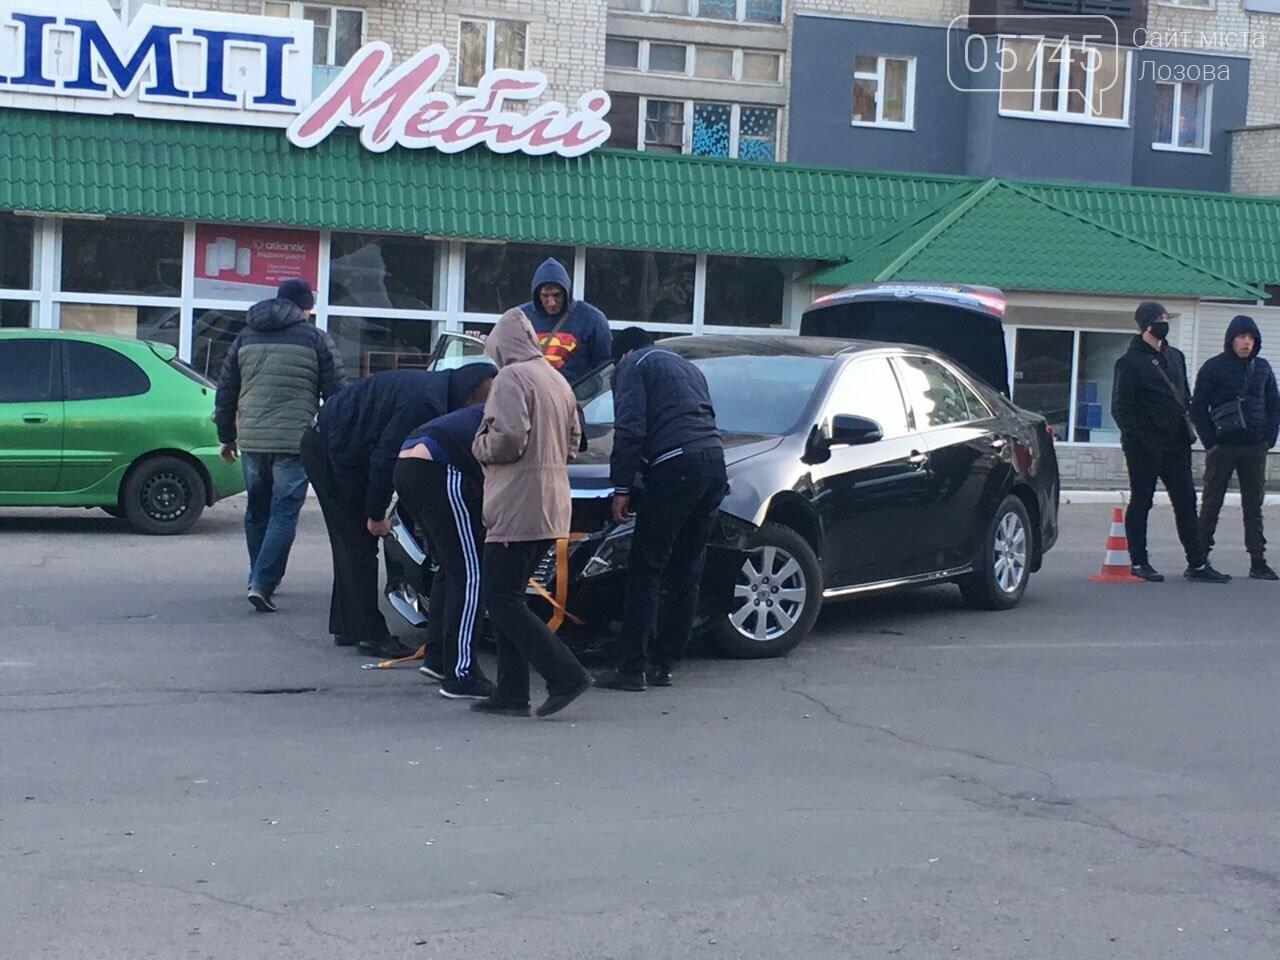 В Лозовой автомобиль сбил мотоцикл, есть пострадавшие (ФОТО), фото-3